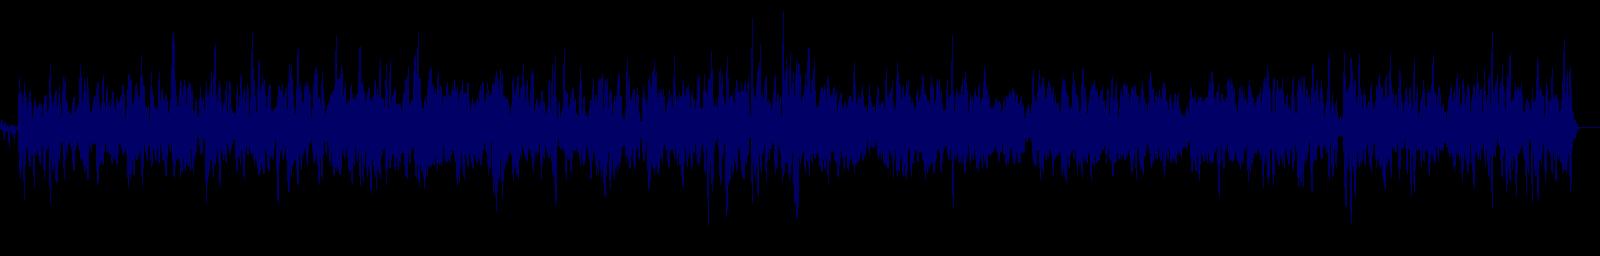 waveform of track #146343